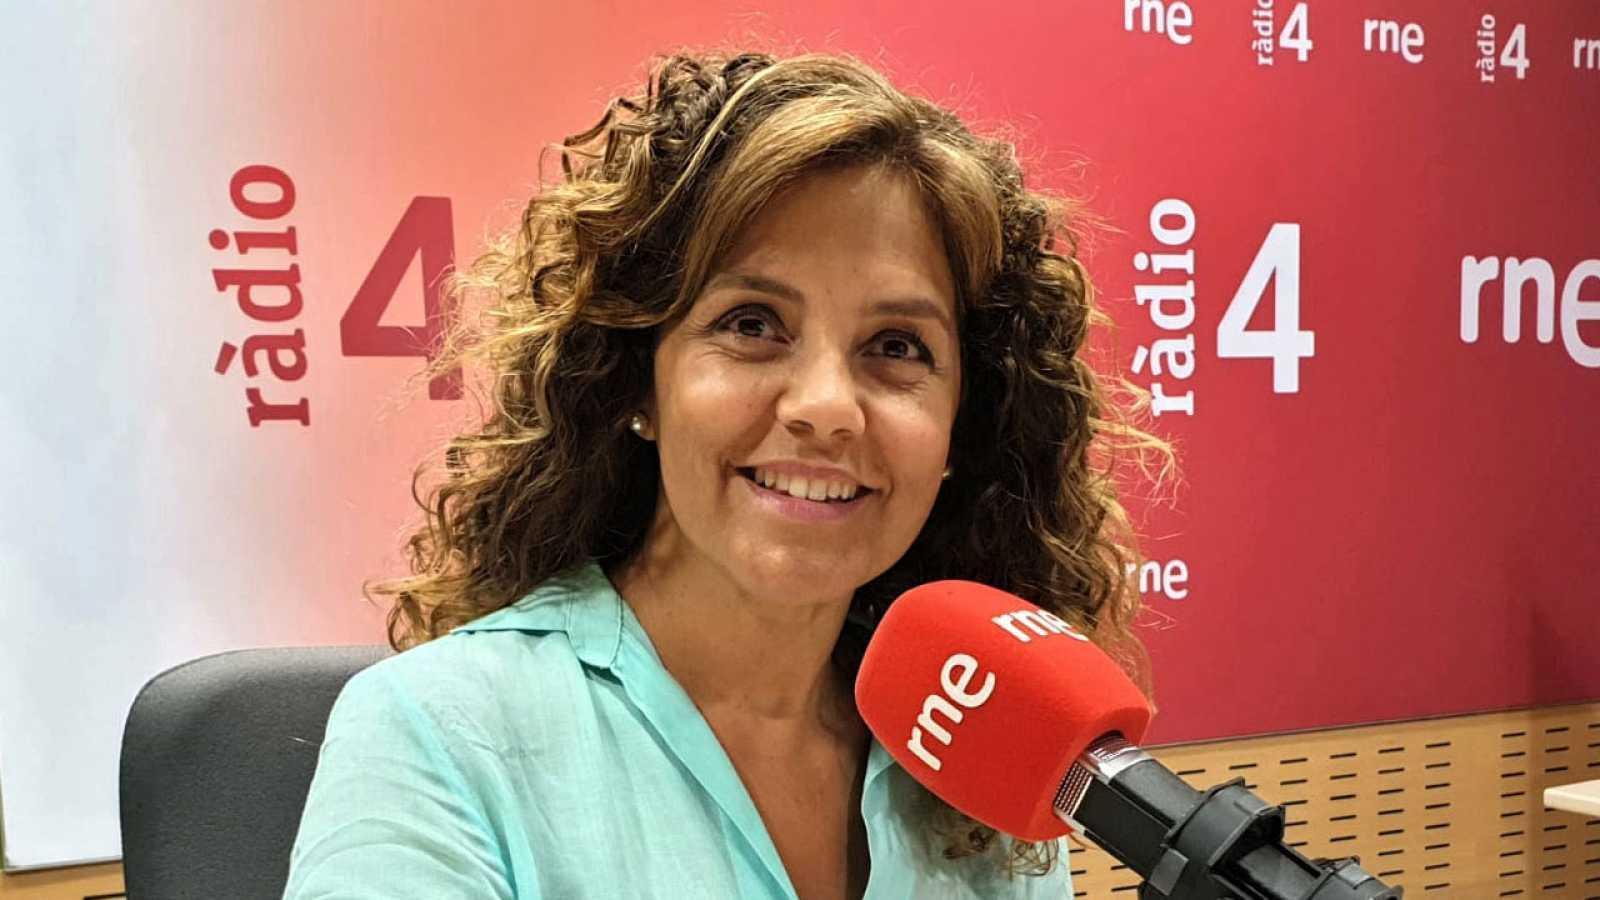 Lletra lligada - Educació Emocional amb la Cristina Gutiérrez i el Paraules de Nen (píndola 70)